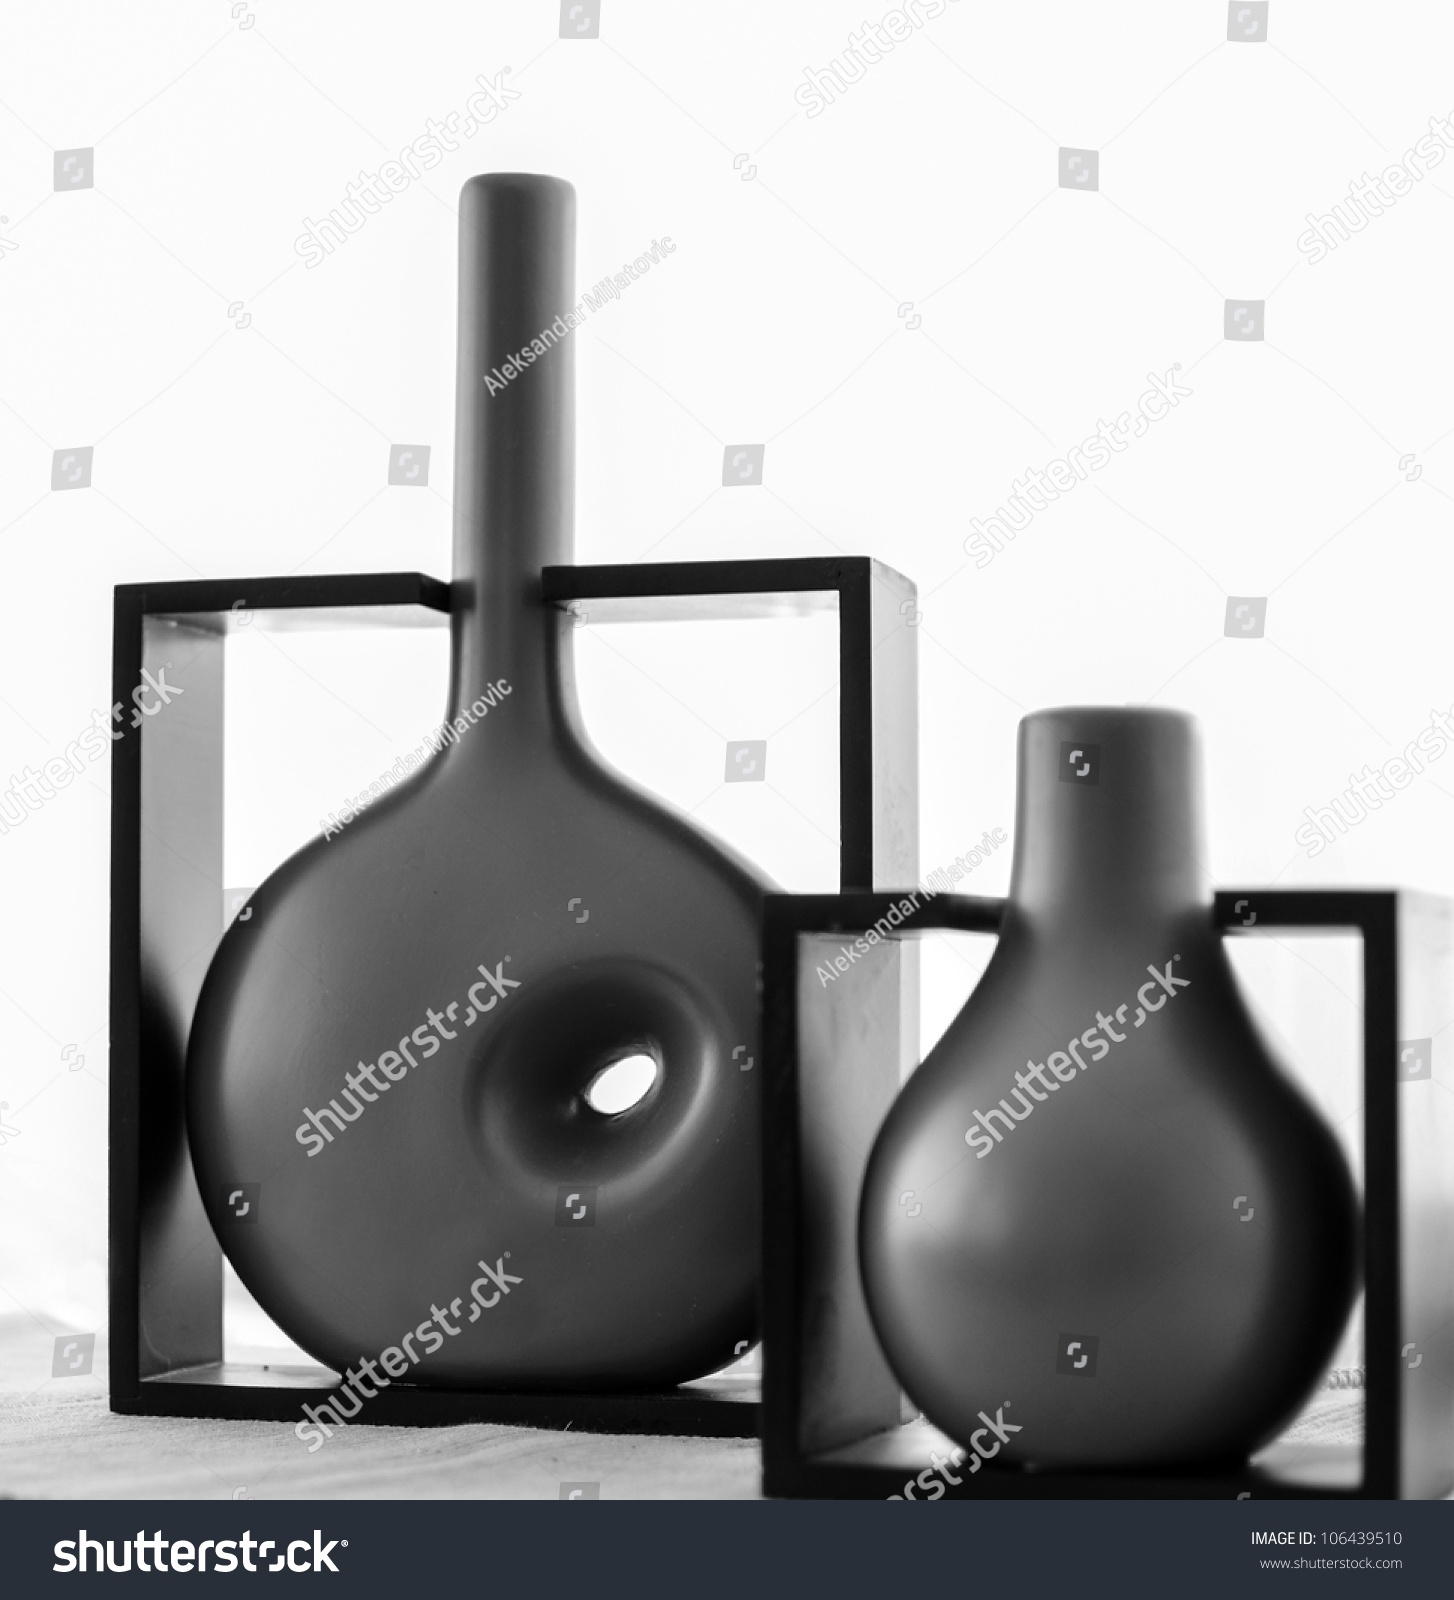 modern vases on shelf